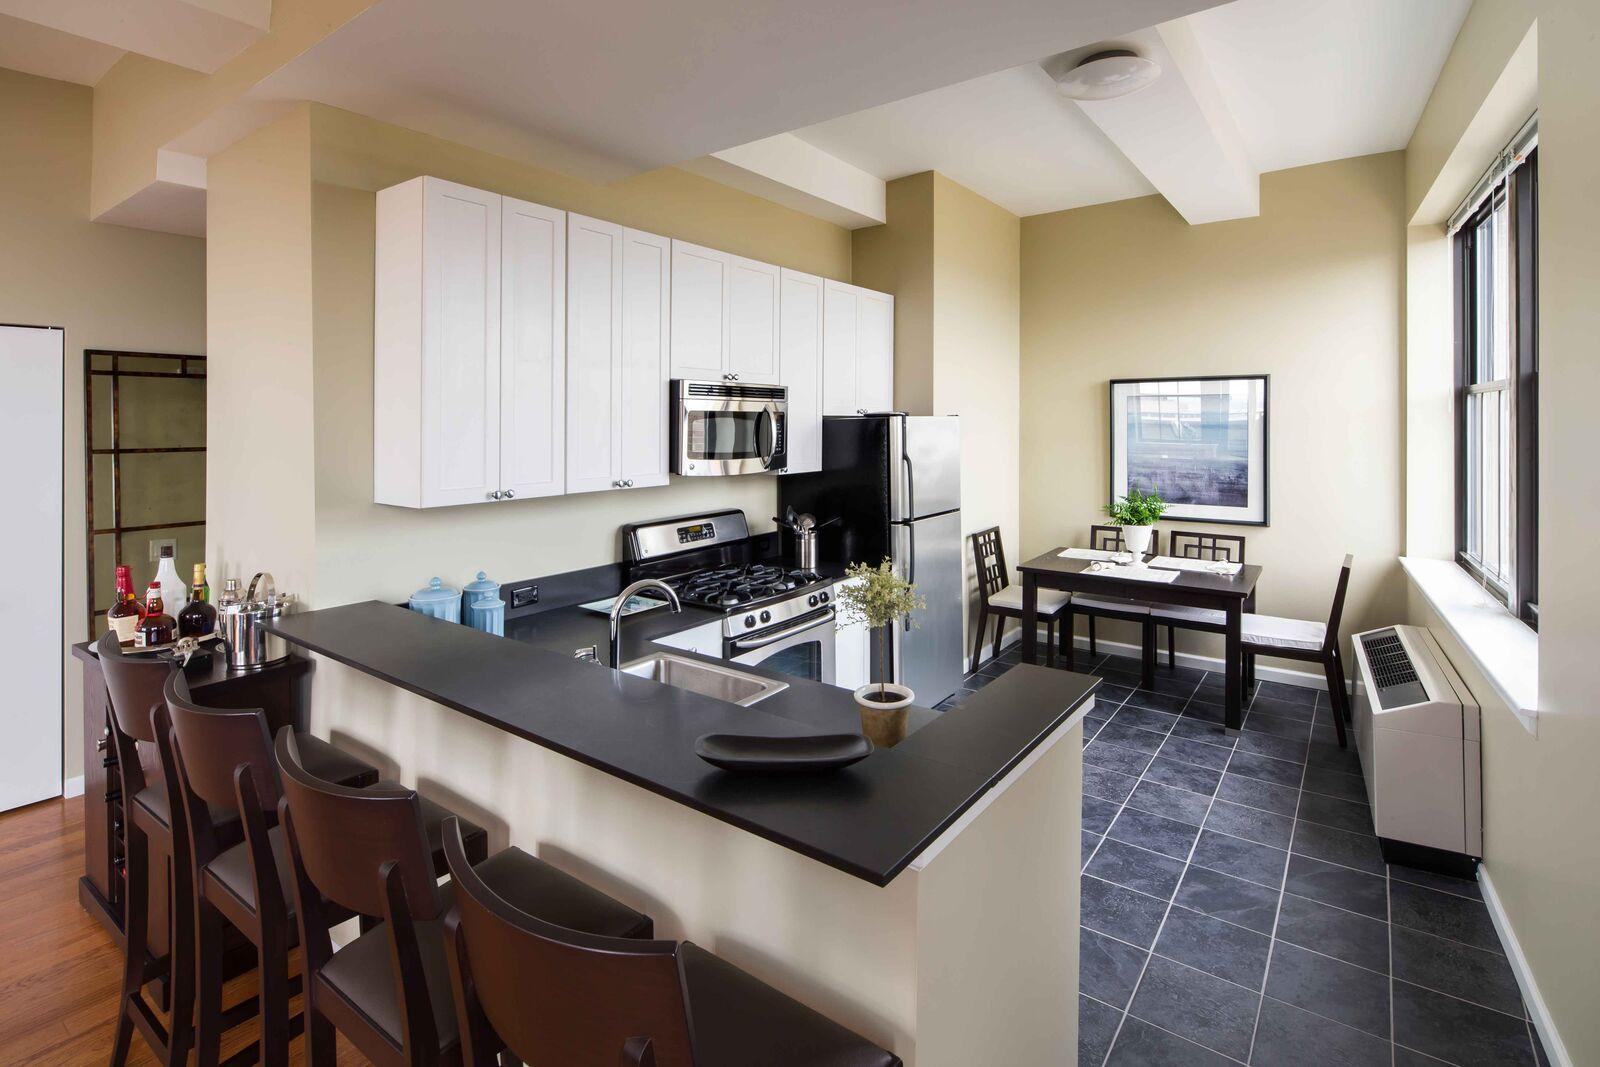 Studio Apartment Nj eleven80 rentals - newark, nj | trulia